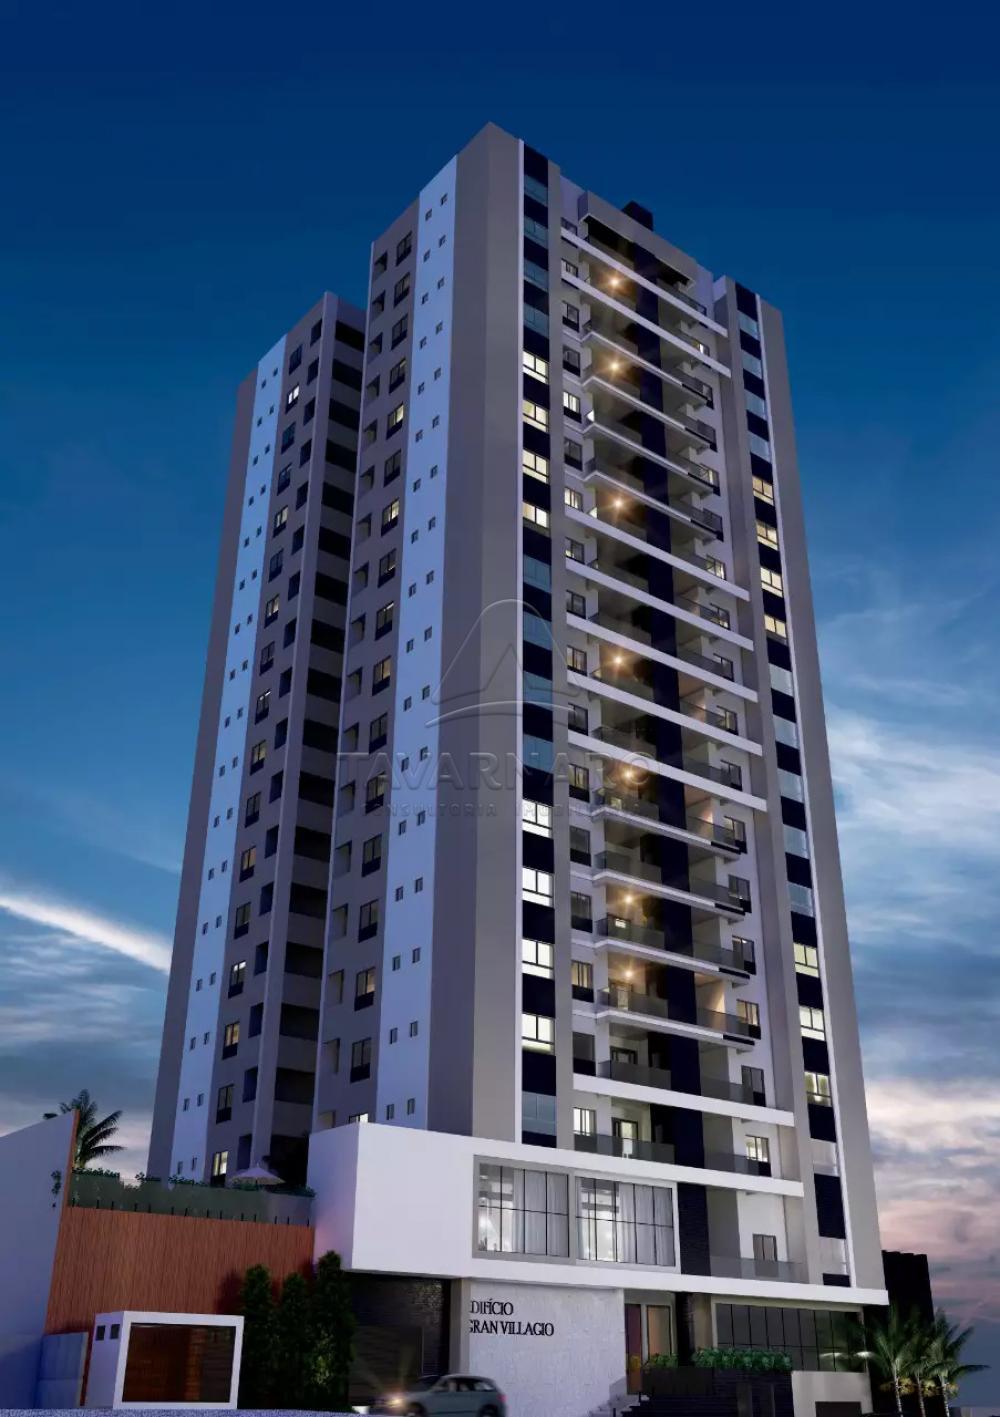 Comprar Apartamento / Padrão em Ponta Grossa R$ 550.900,00 - Foto 1